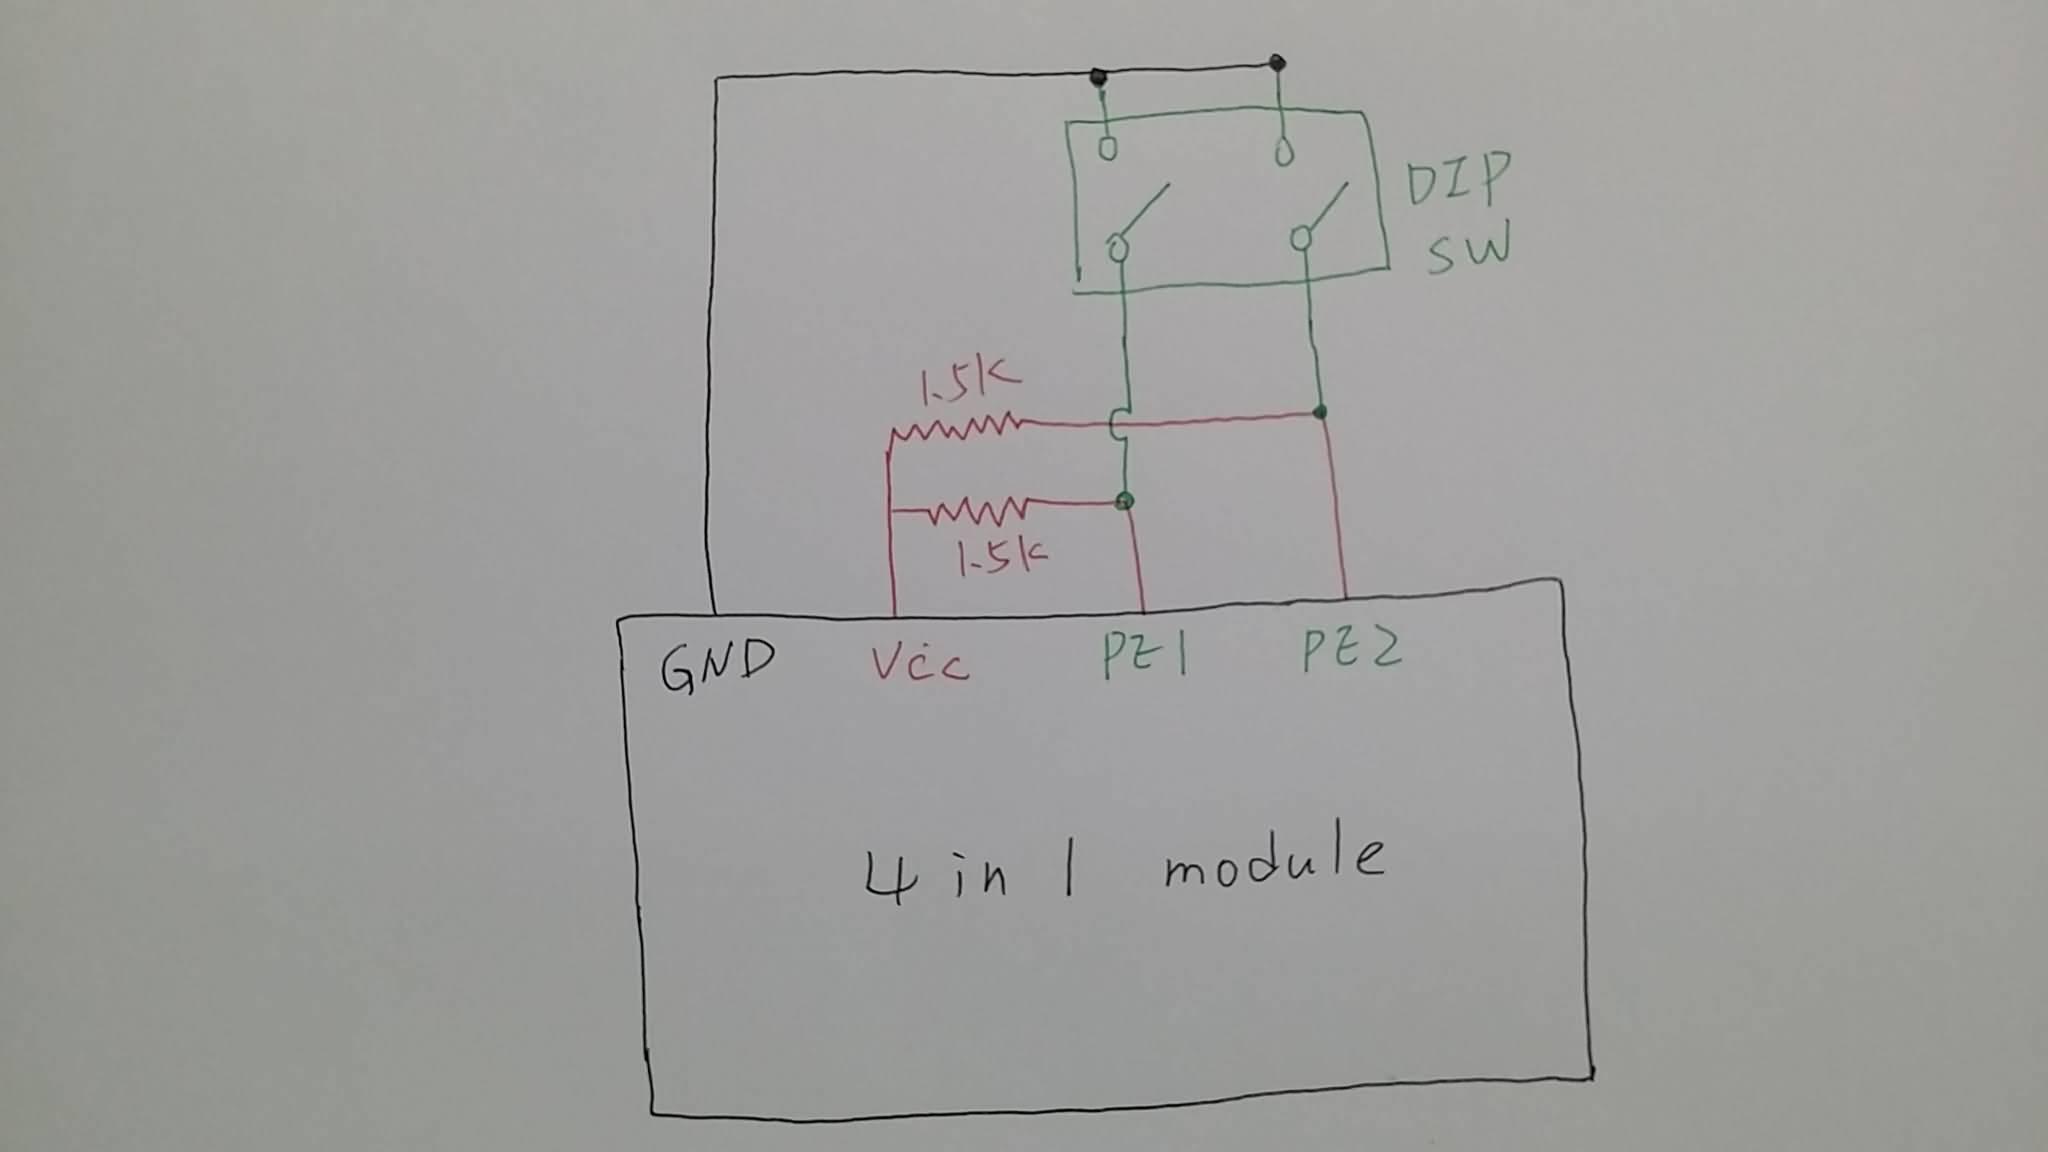 4in1-DIP-SW.jpg